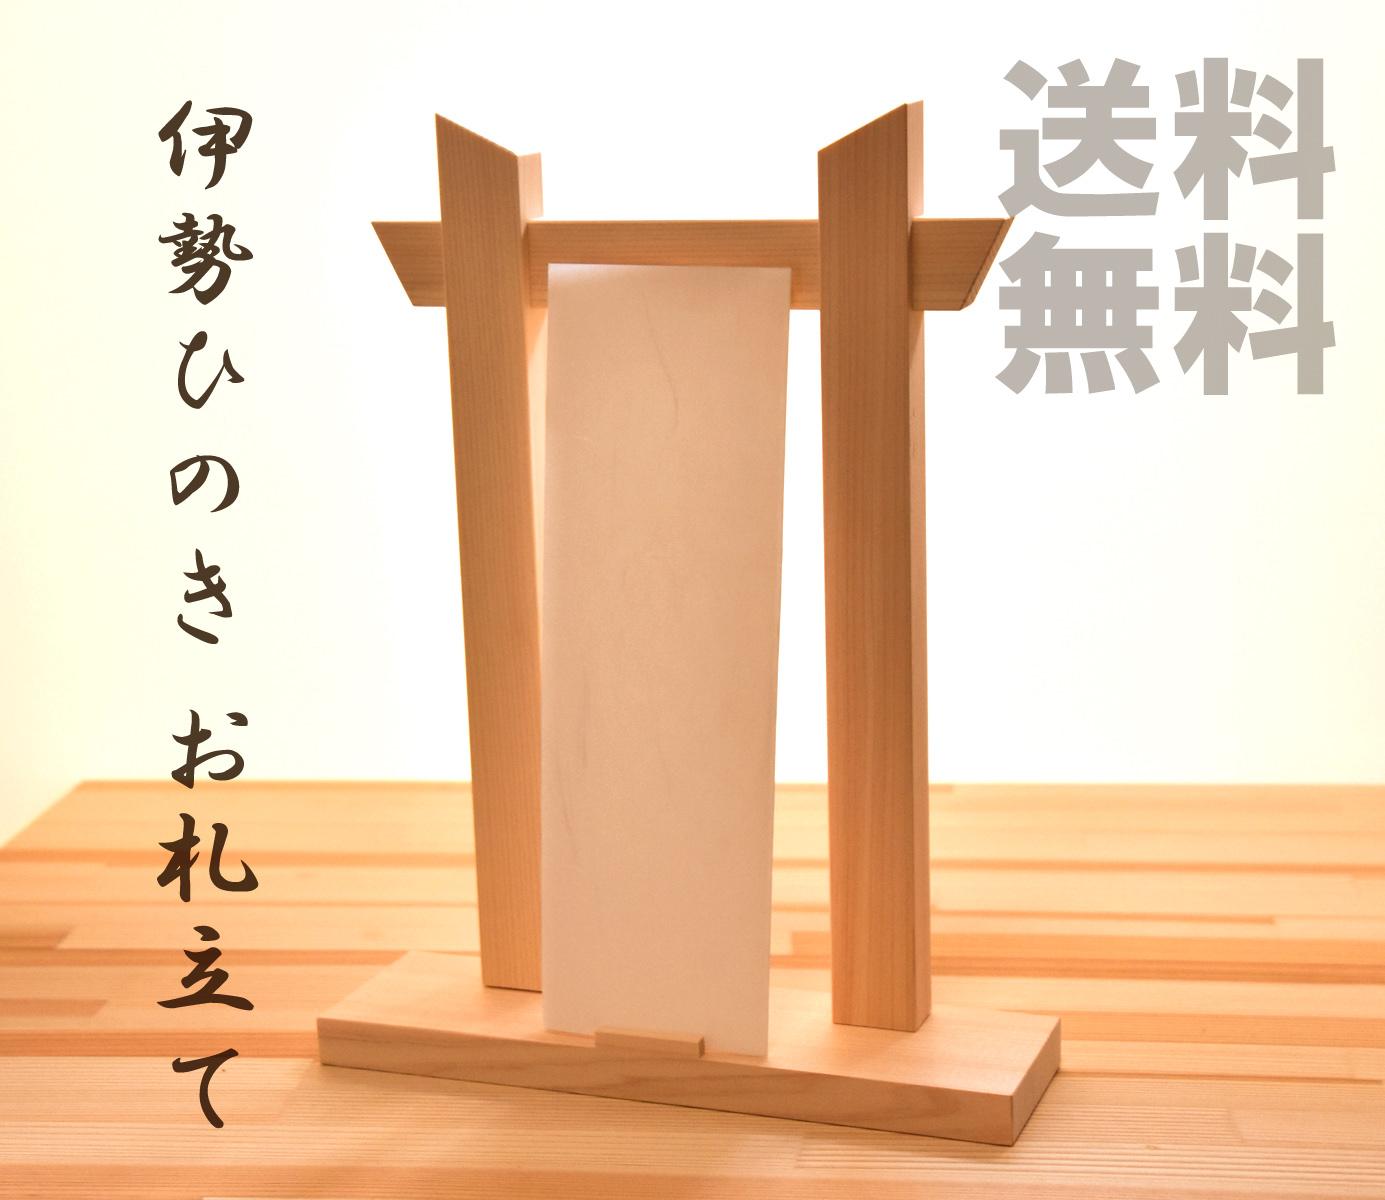 【伊勢ひのきお札立て】御札立て/桧/国産/日本製